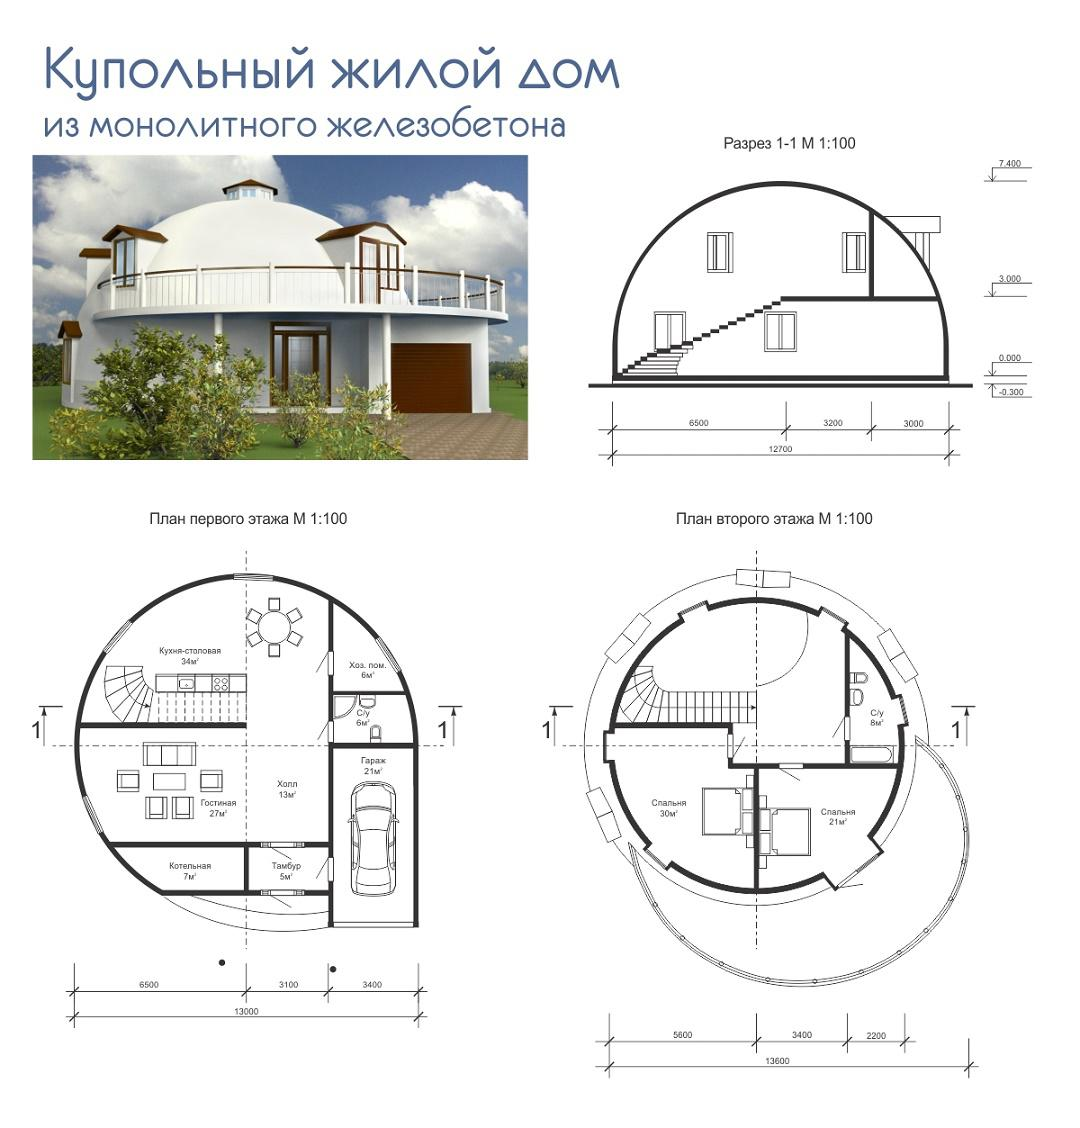 Видео как построить купольный дом своими руками видео